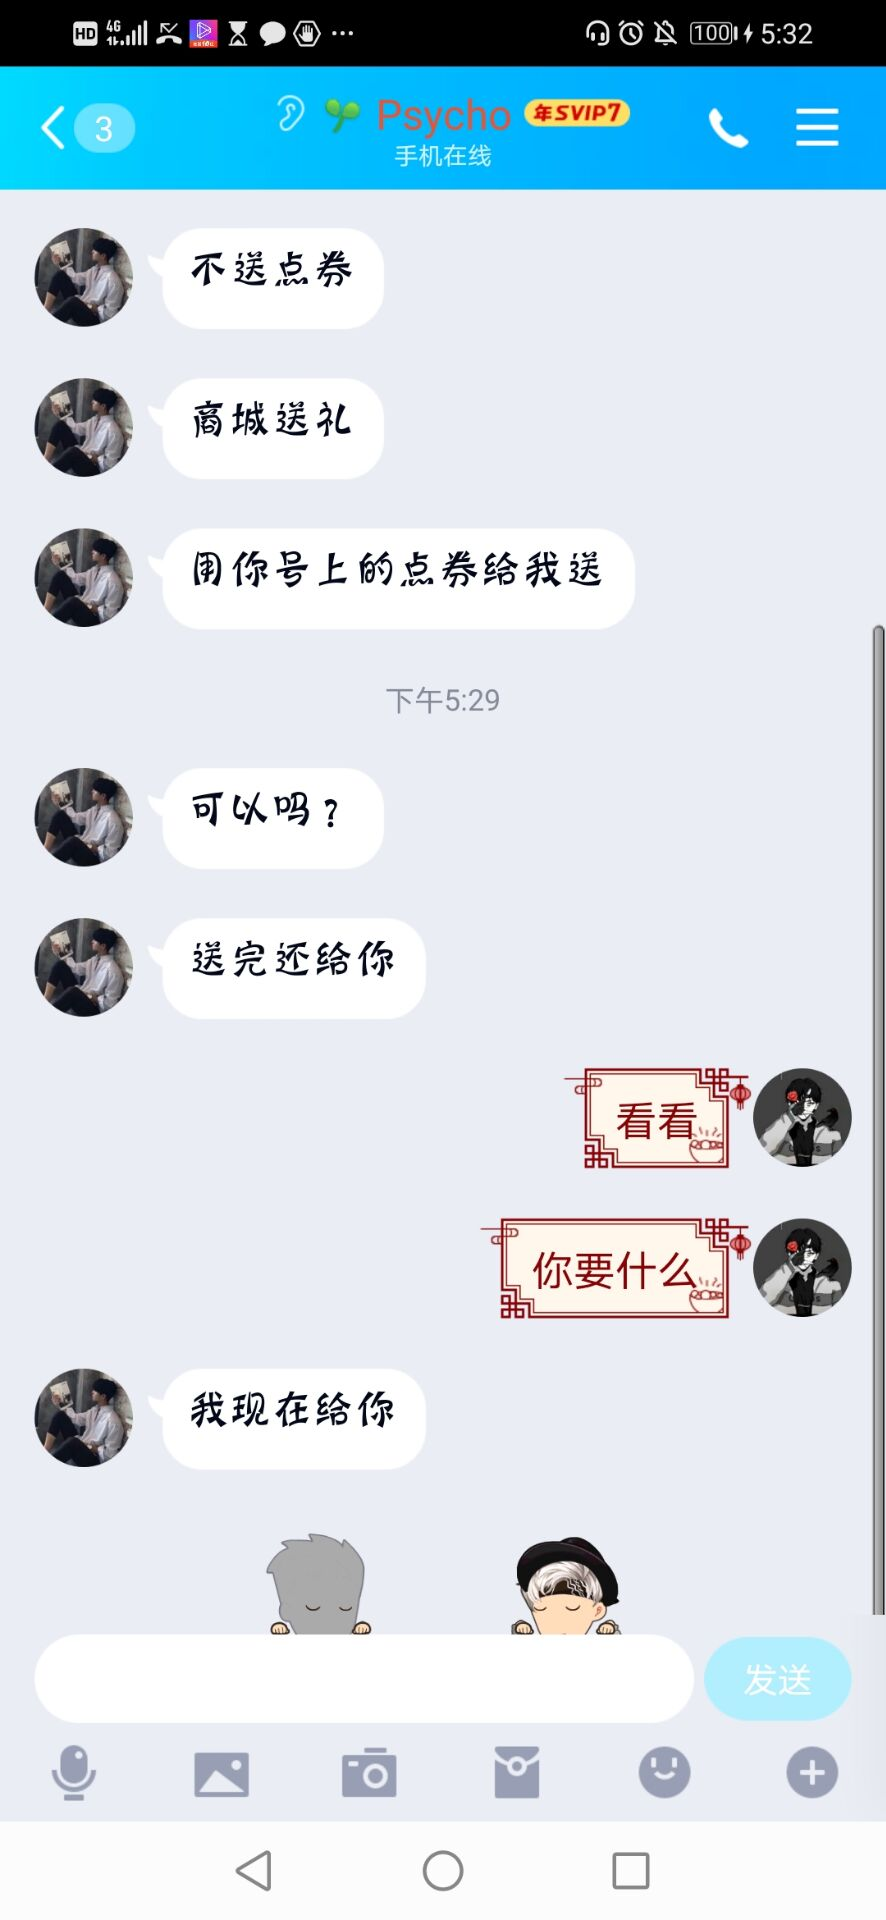 曝光吃鸡代抽玛莎拉蒂骗子QQ2019496990欺骗金额4300